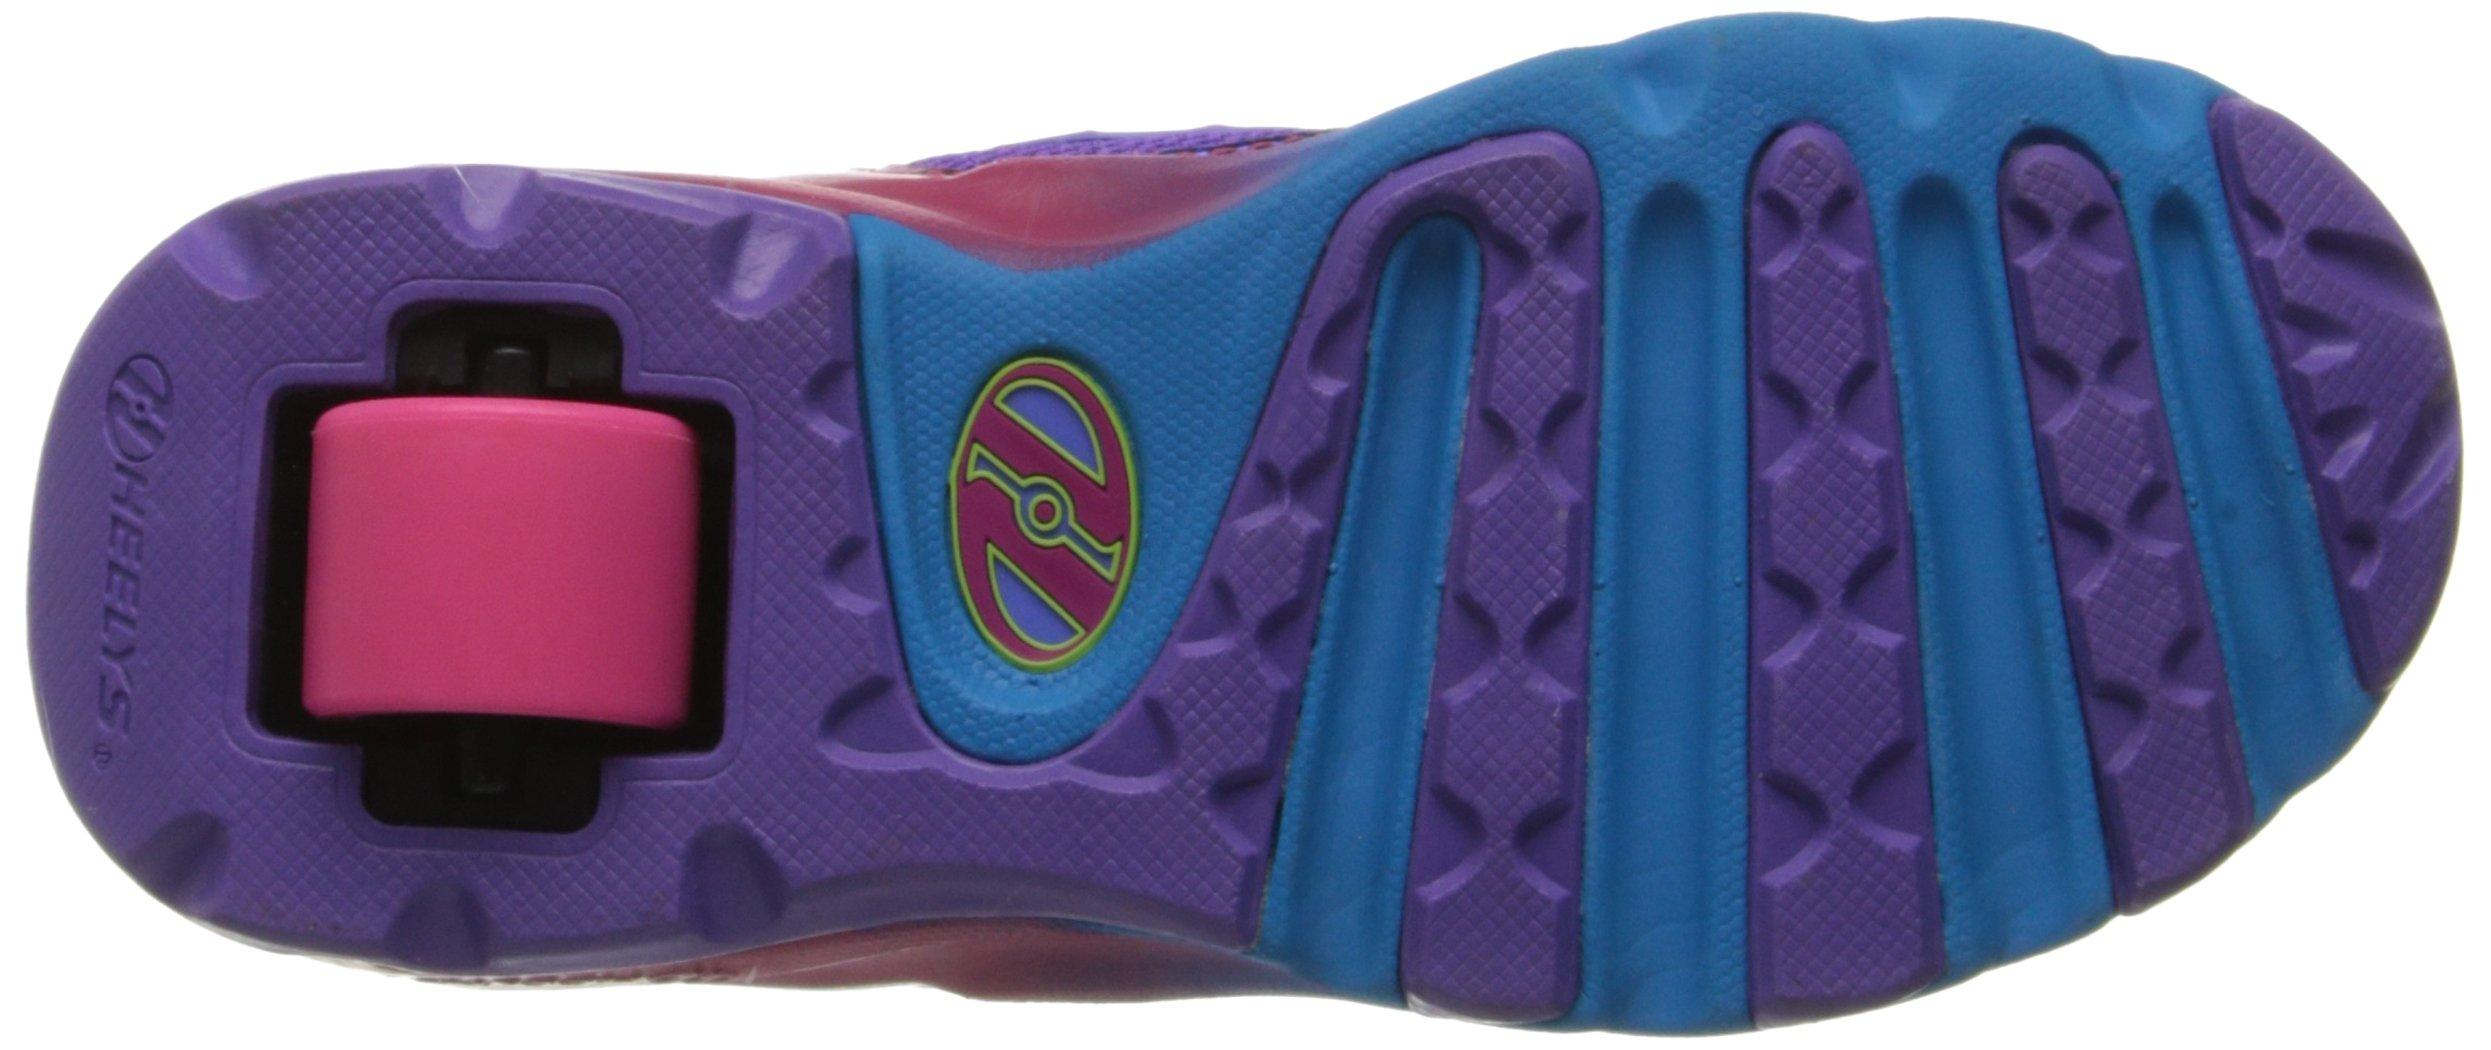 Heelys Race Skate Shoe (Little Kid/Big Kid),Purple/Rainbow,2 M US Little Kid by Heelys (Image #3)